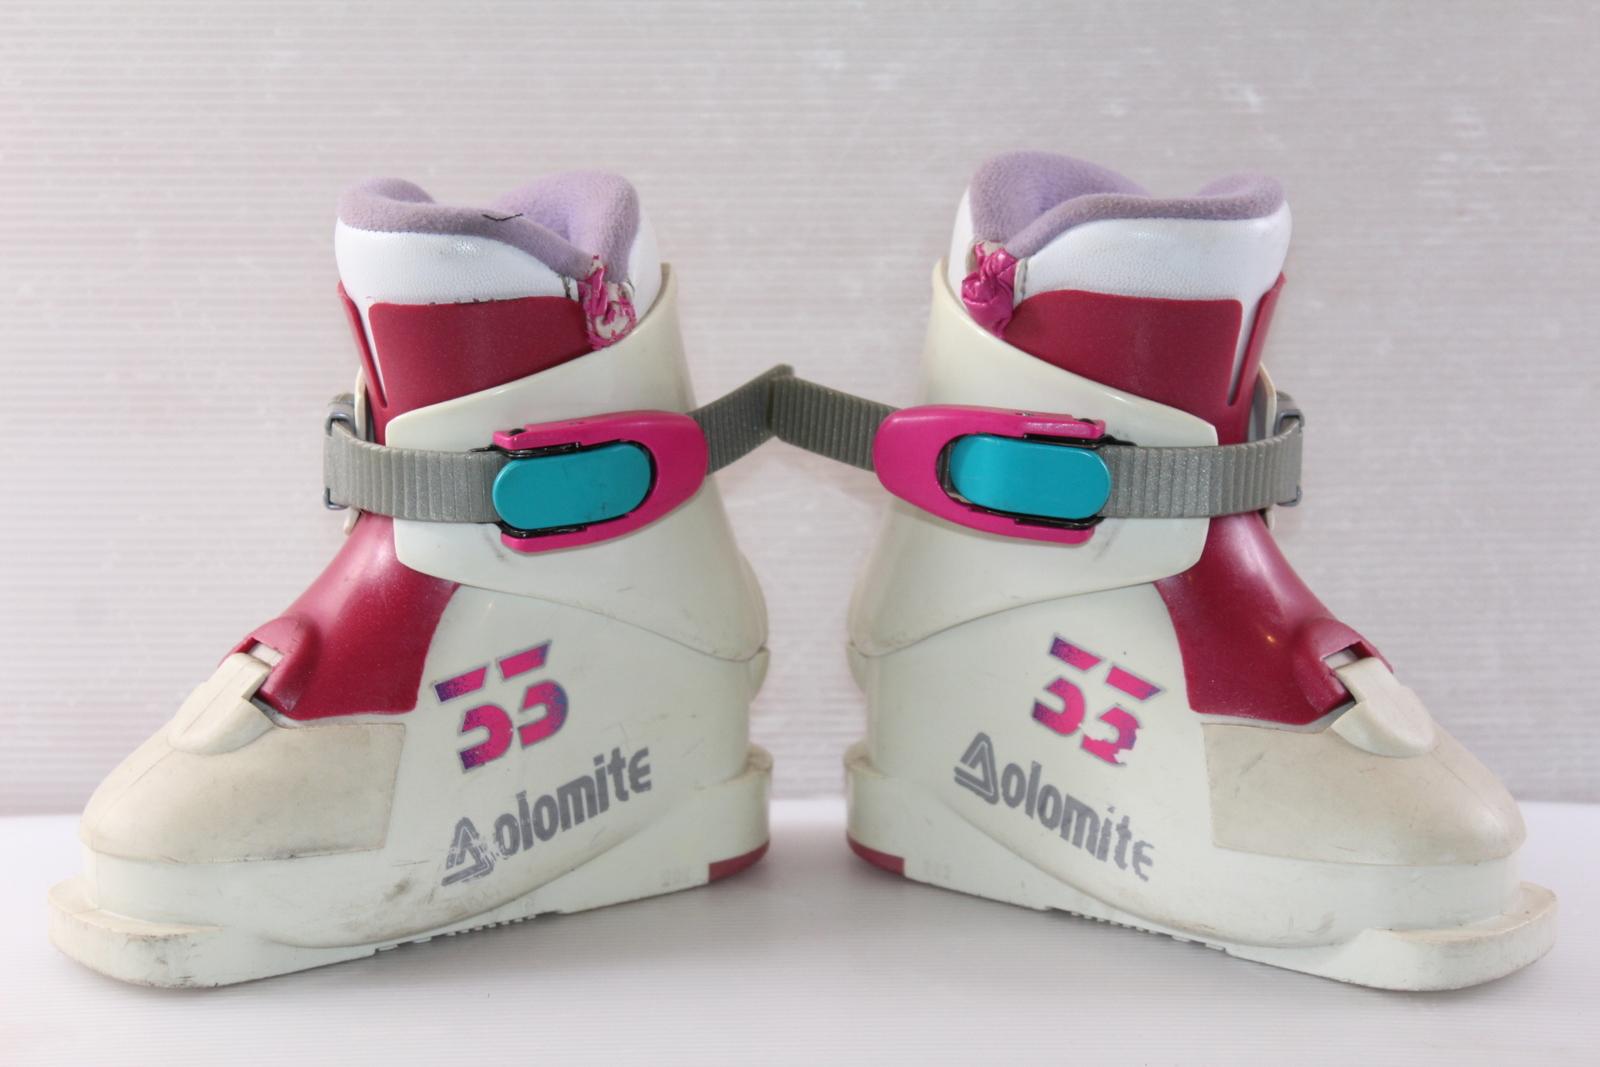 Dětské lyžáky Dolomite 33 vel. EU24